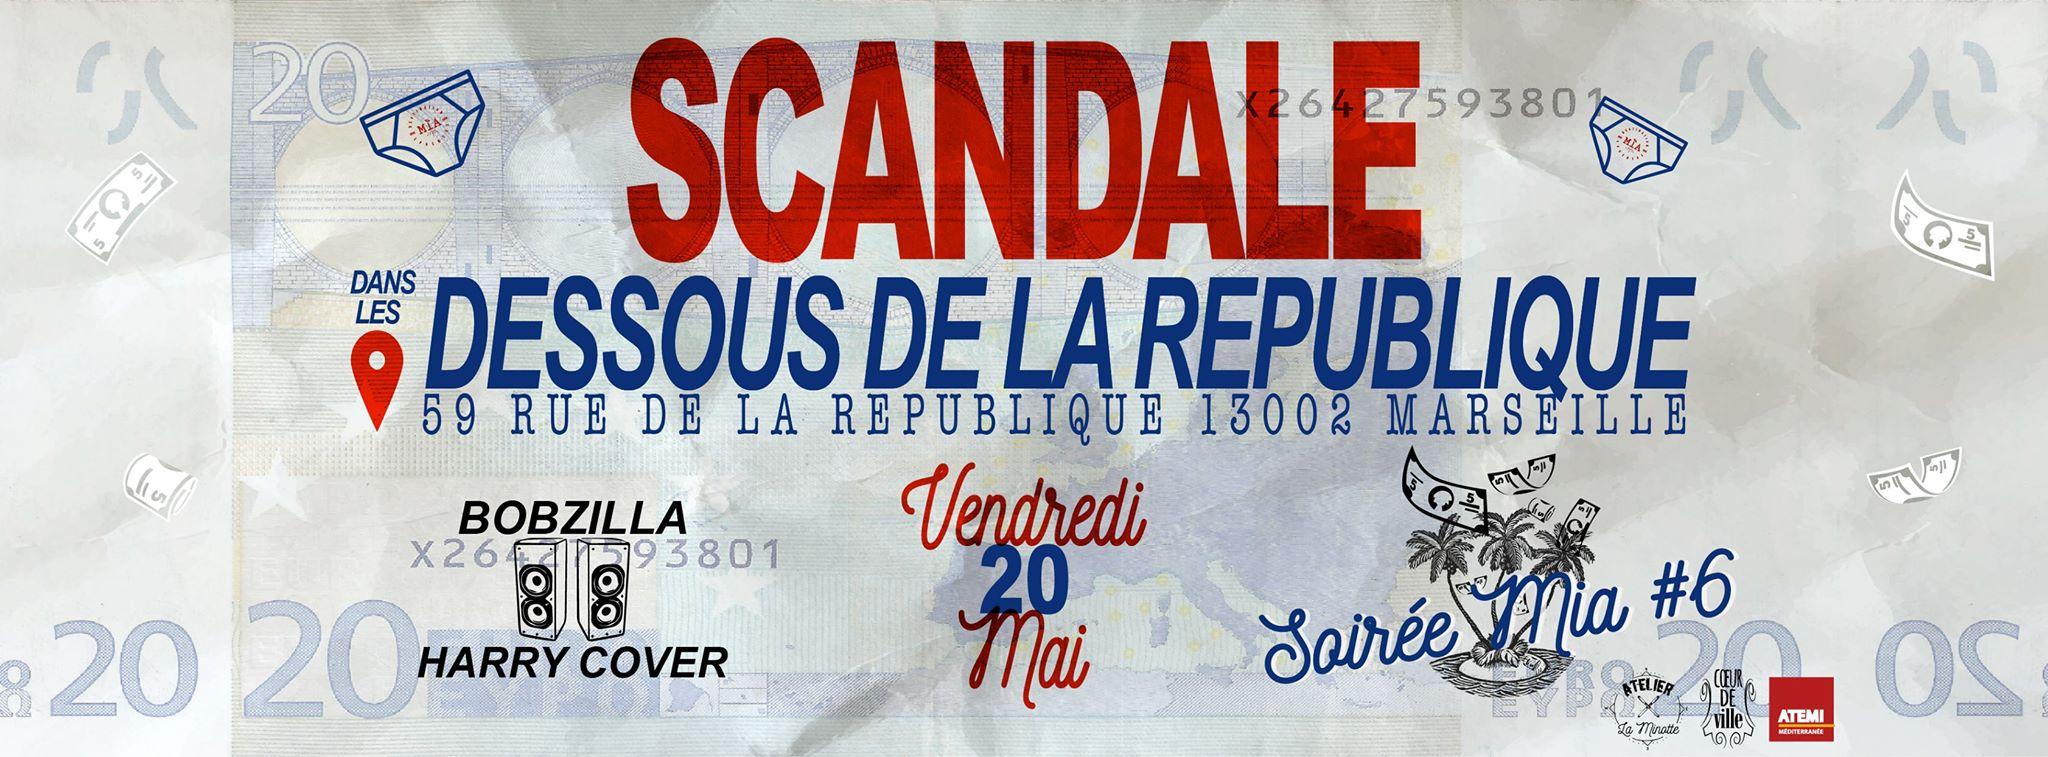 Soirée à Marseille